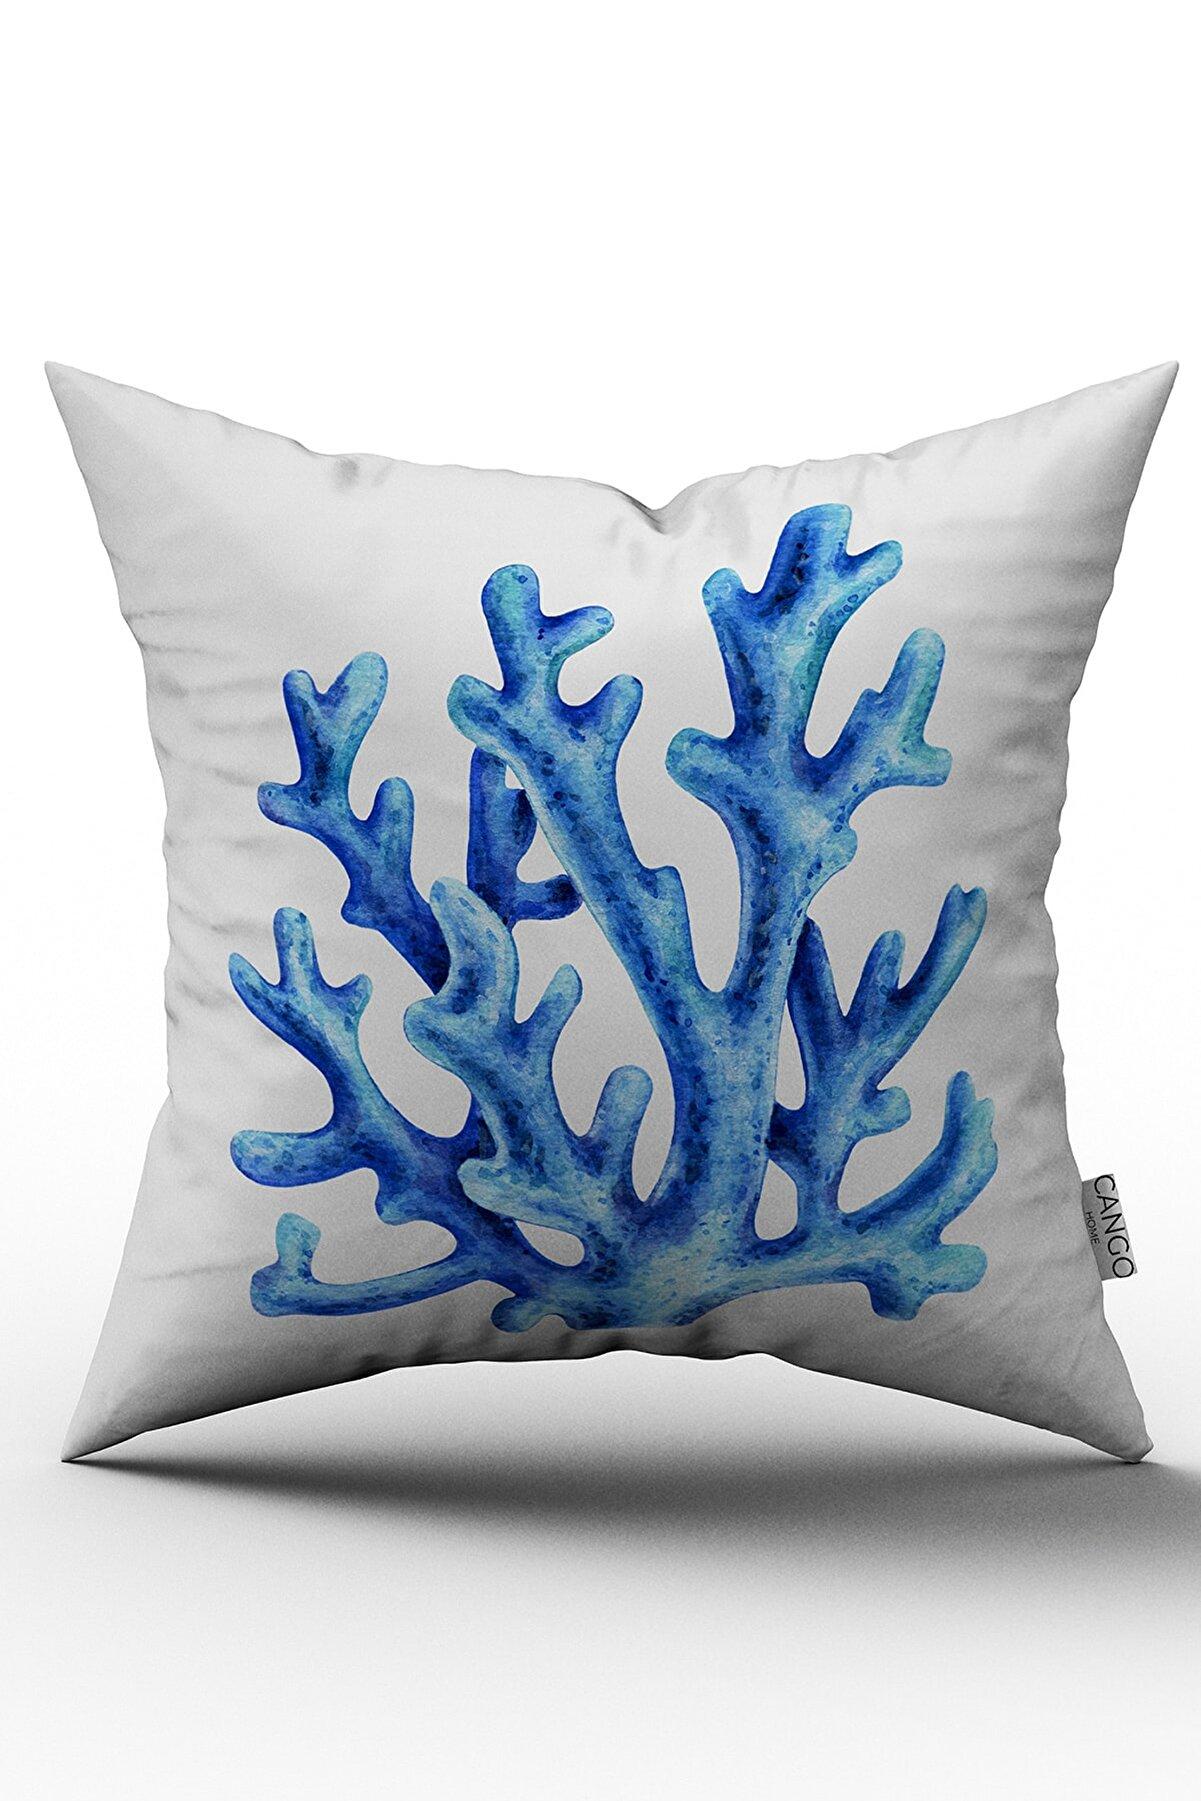 Cango Home Mavi Mercan Yastık Kırlent Kılıfı 484